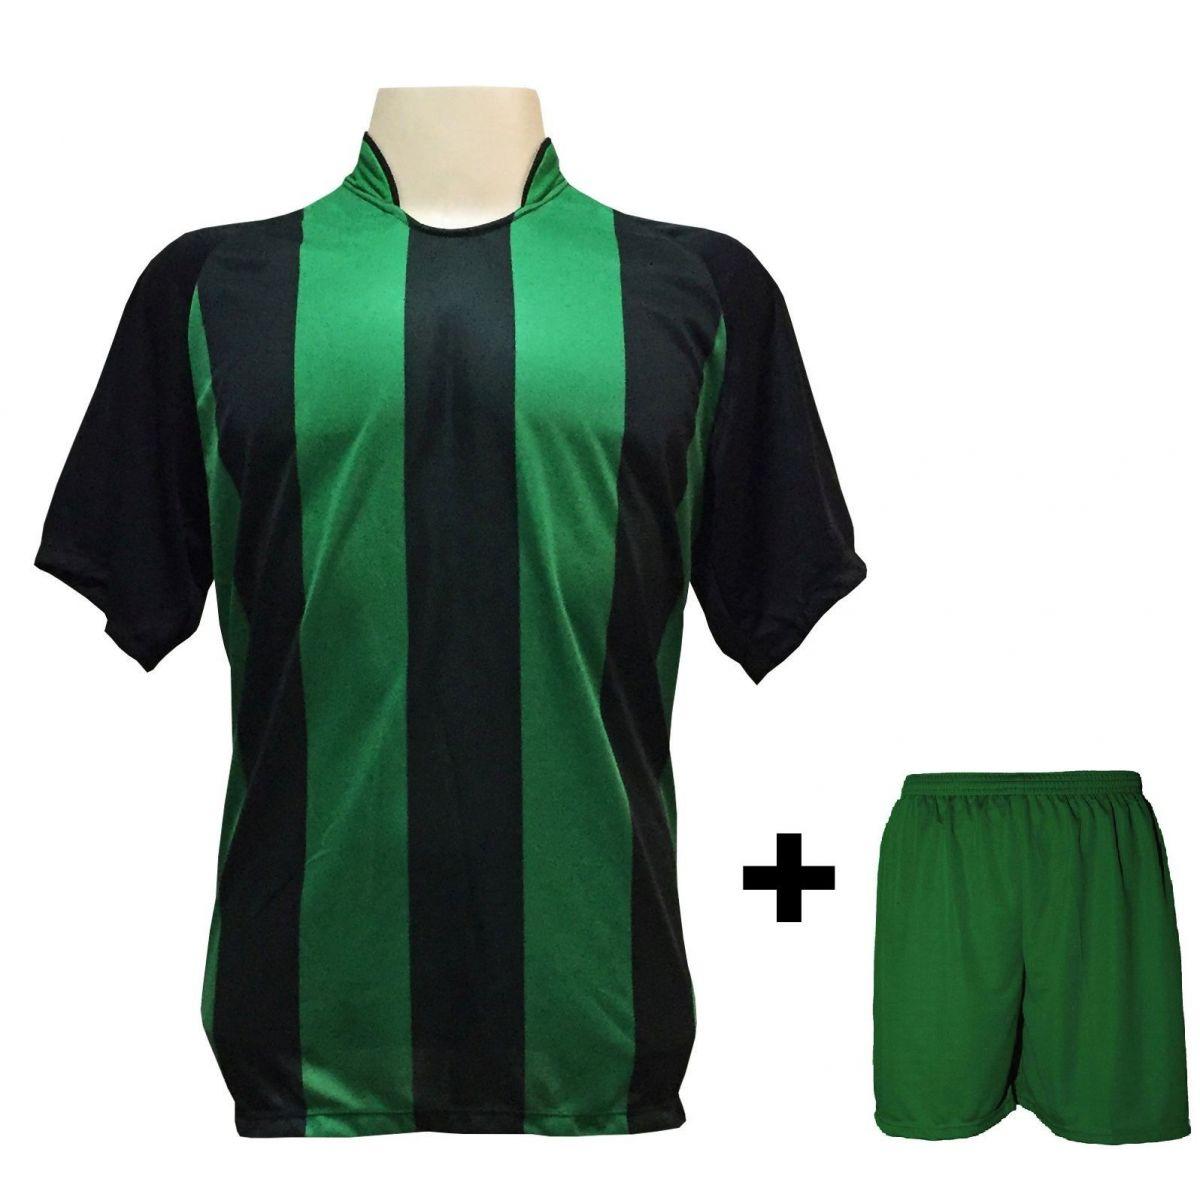 Uniforme Esportivo com 18 camisas modelo Milan Preto/Verde + 18 calções modelo Madrid + 1 Goleiro